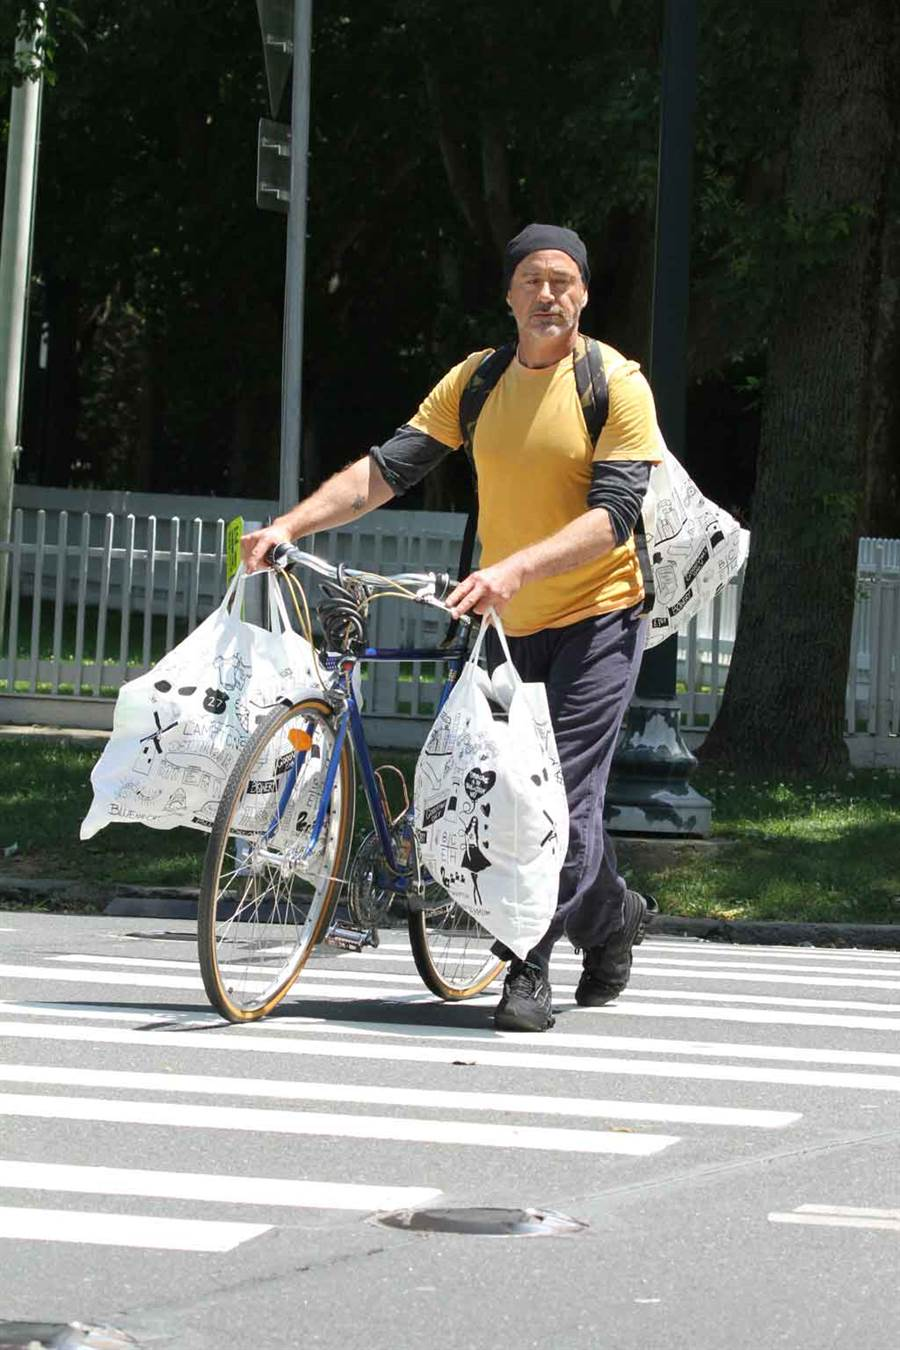 揮別鋼鐵人一角後,小勞勃道尼私下被拍到大包小包閒晃,跟戲裡億萬富翁形象相差甚遠。(達志影像)